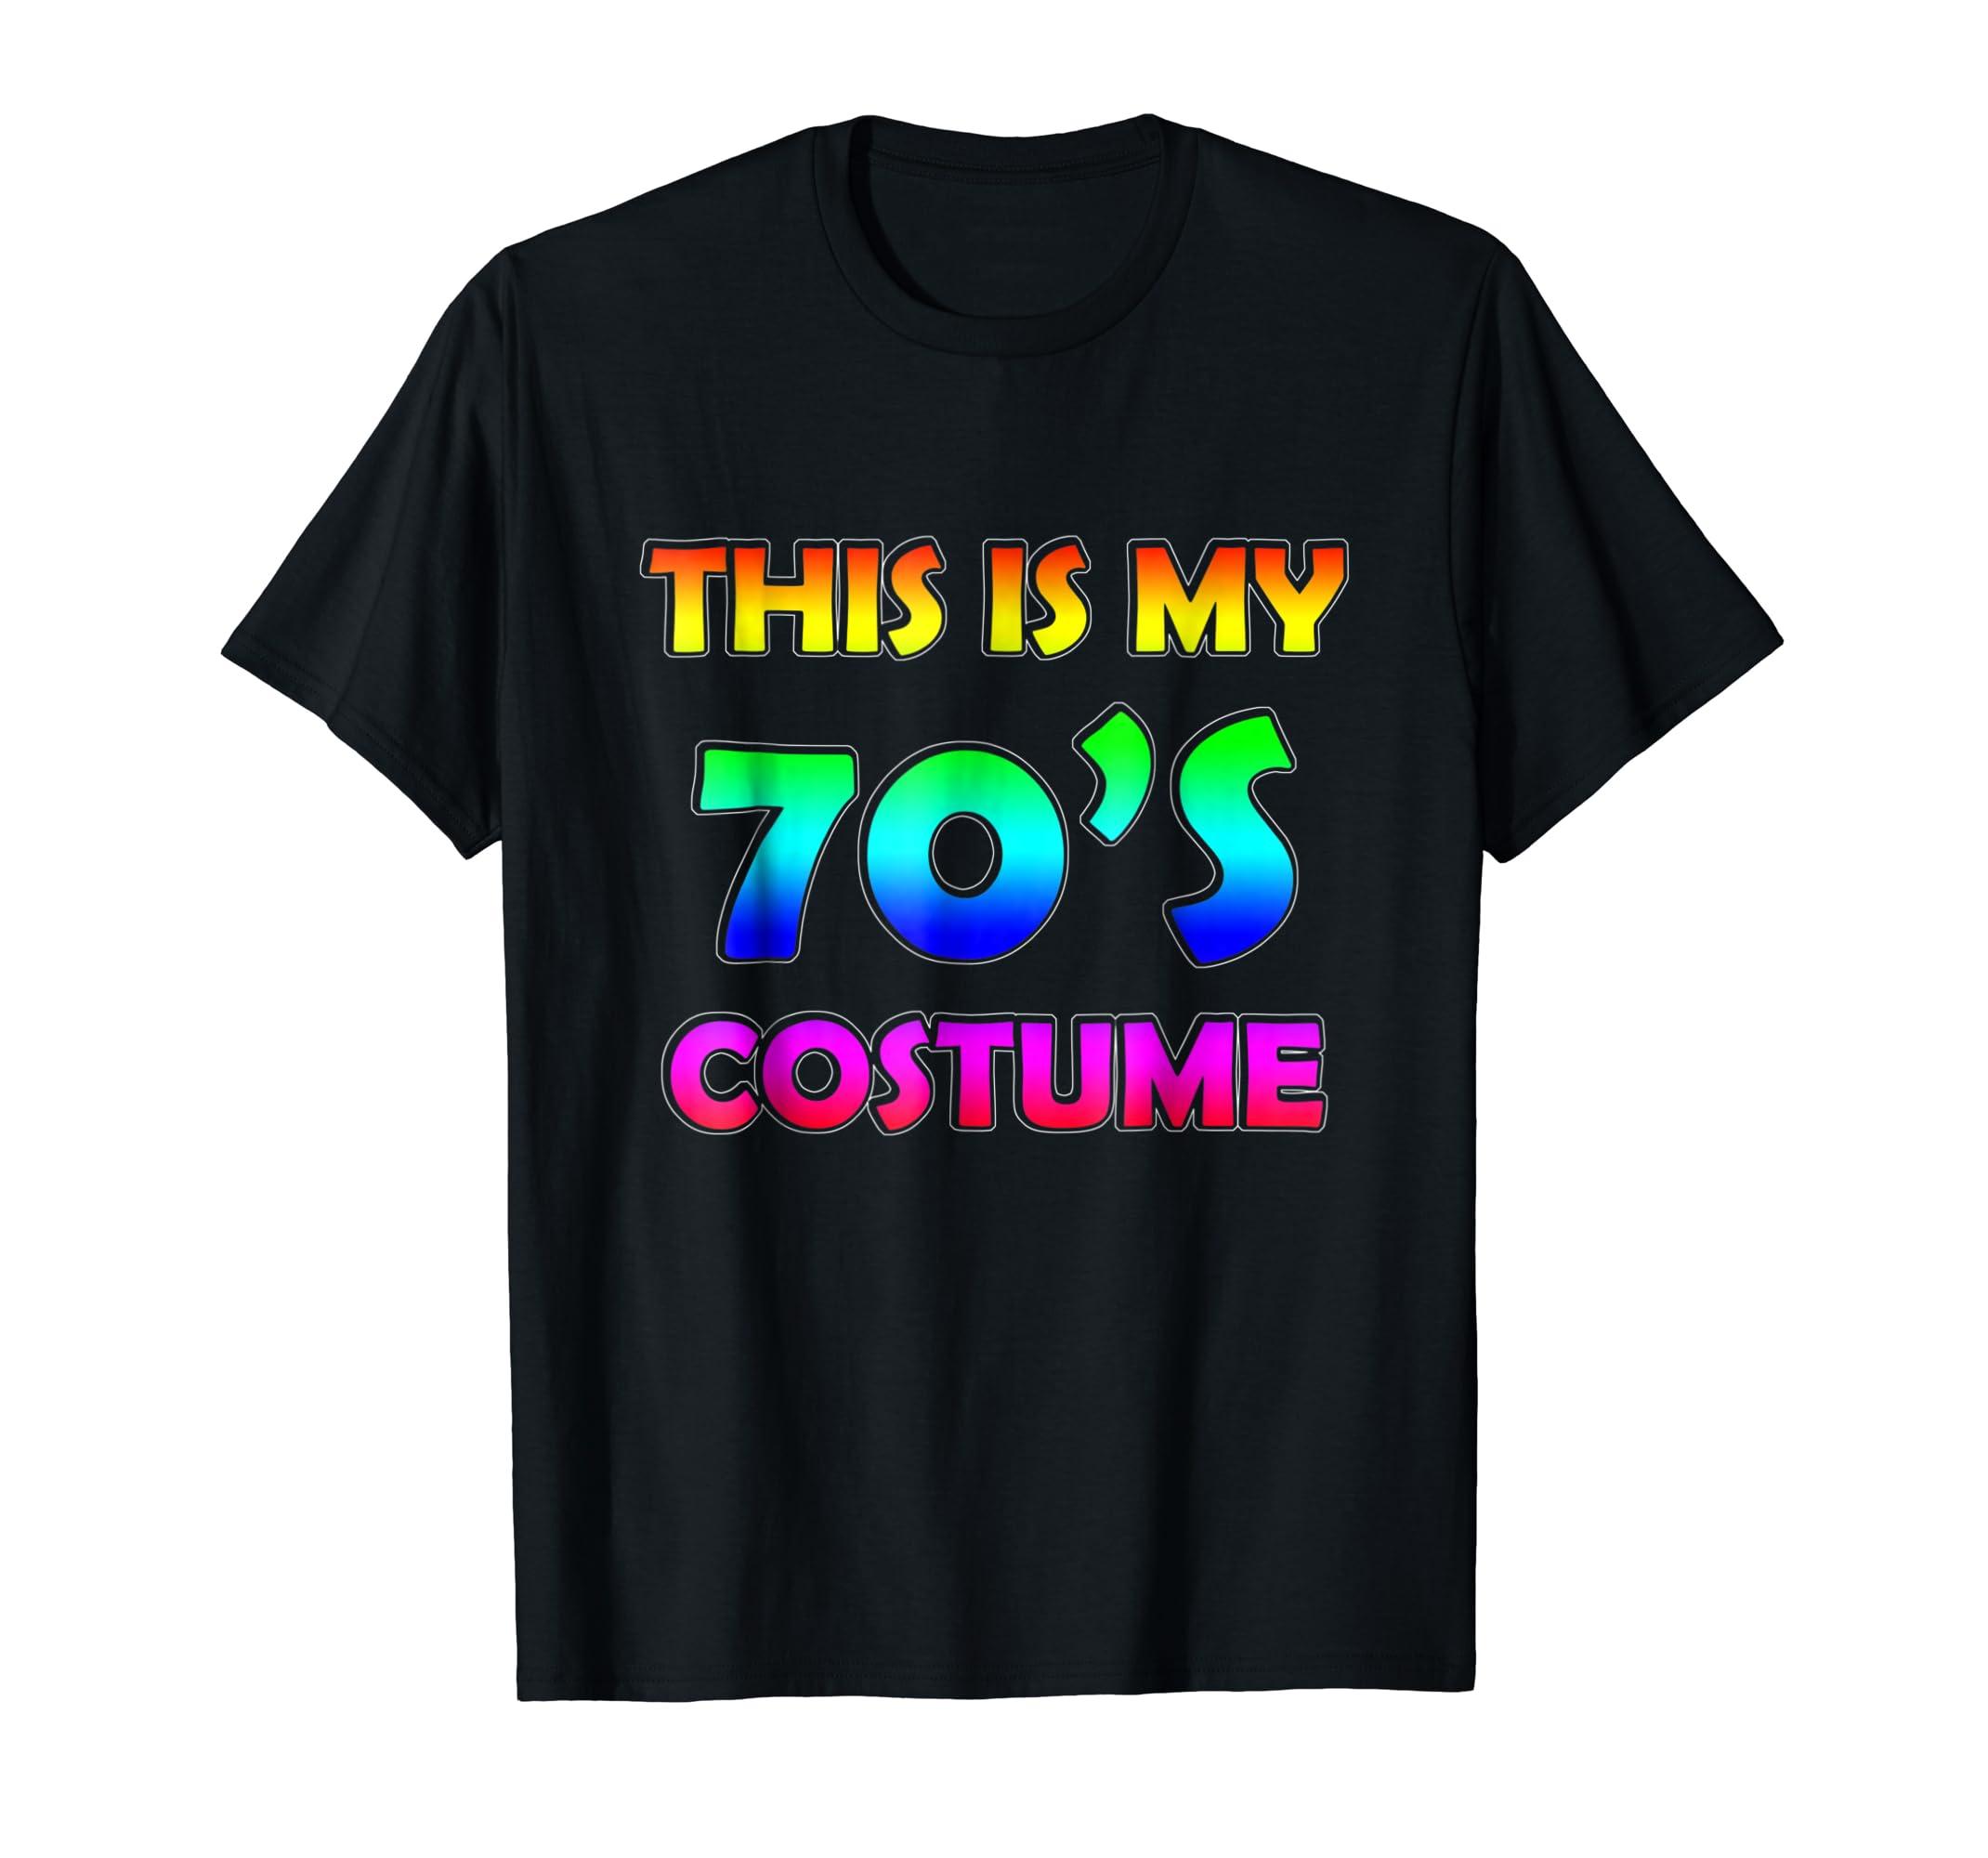 70s Costume Halloween Shirt for 1970s Party men women top-mt